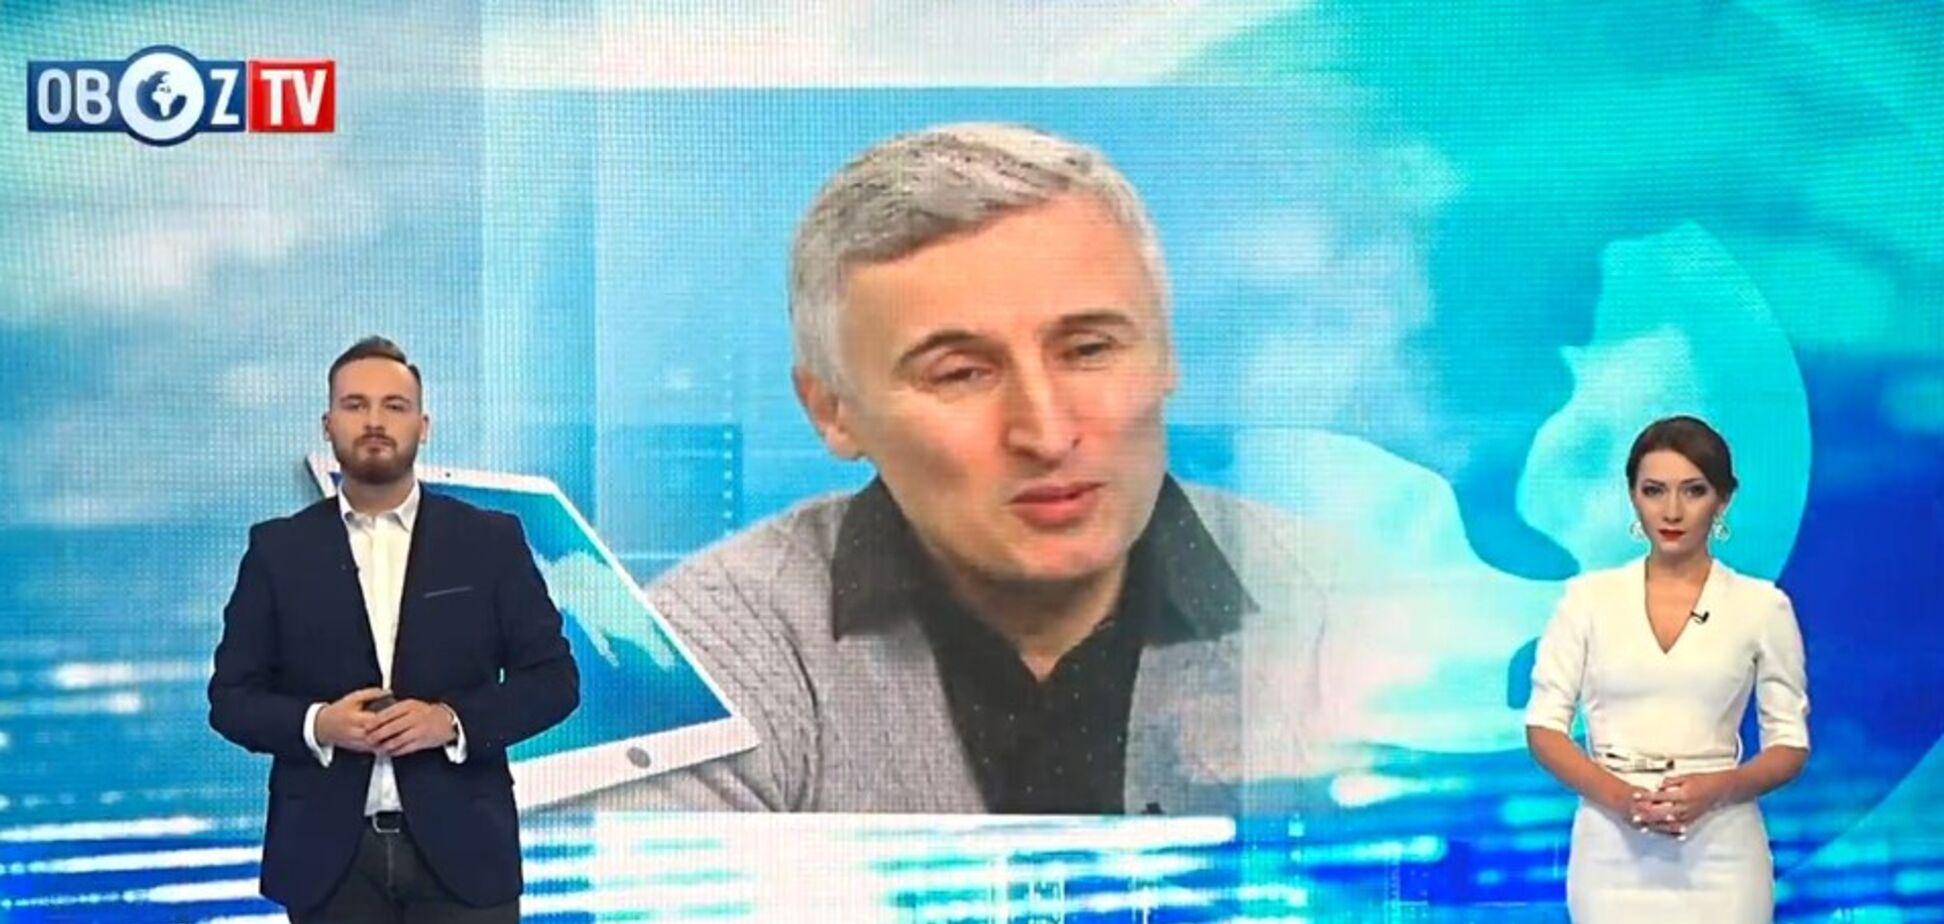 Когда спадет жара в Украине: синоптик дал неутешительный прогноз